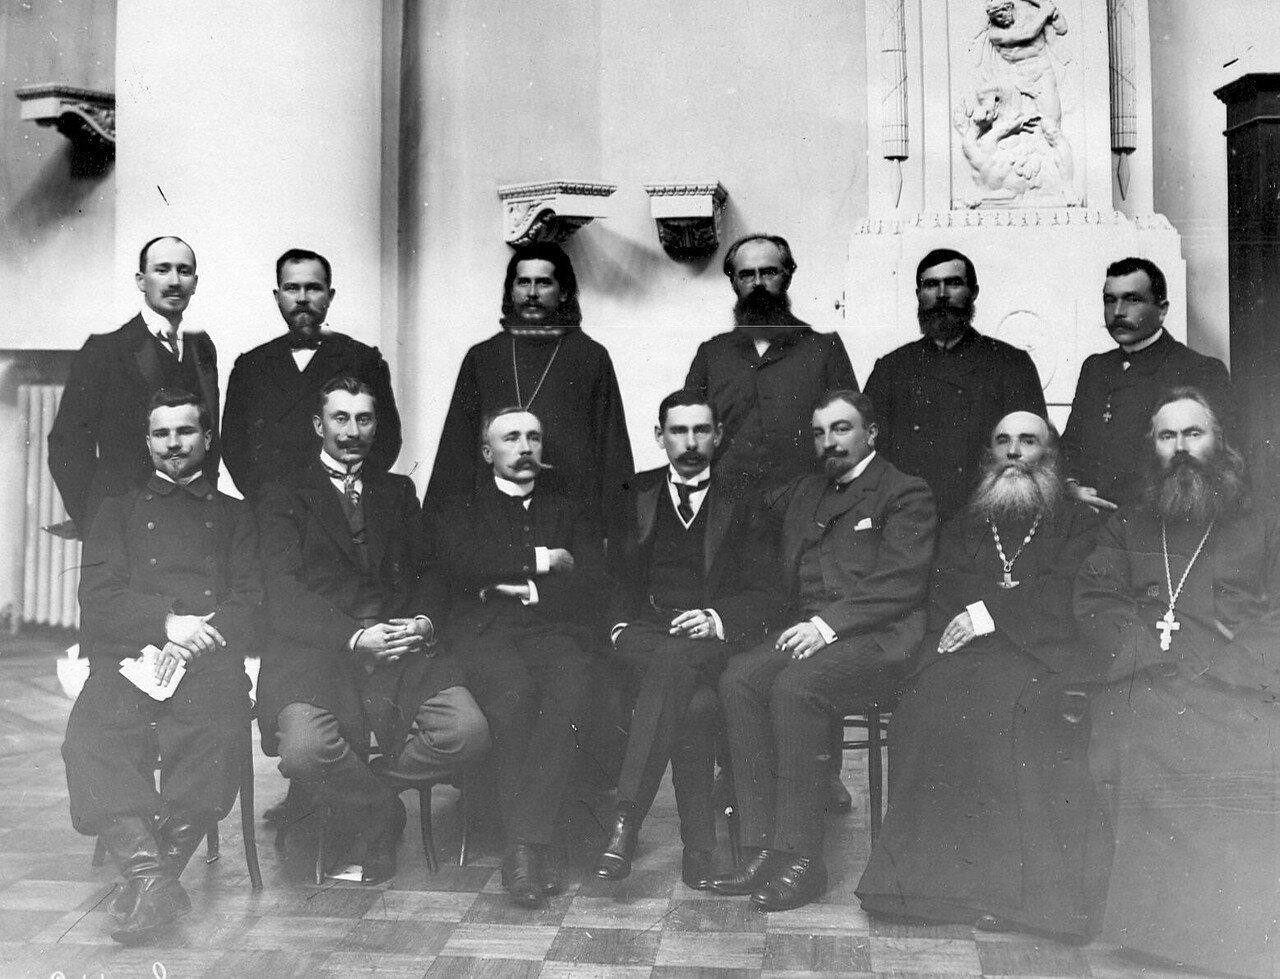 Группа депутатов Третьей Государственной думы от Подольской губернии